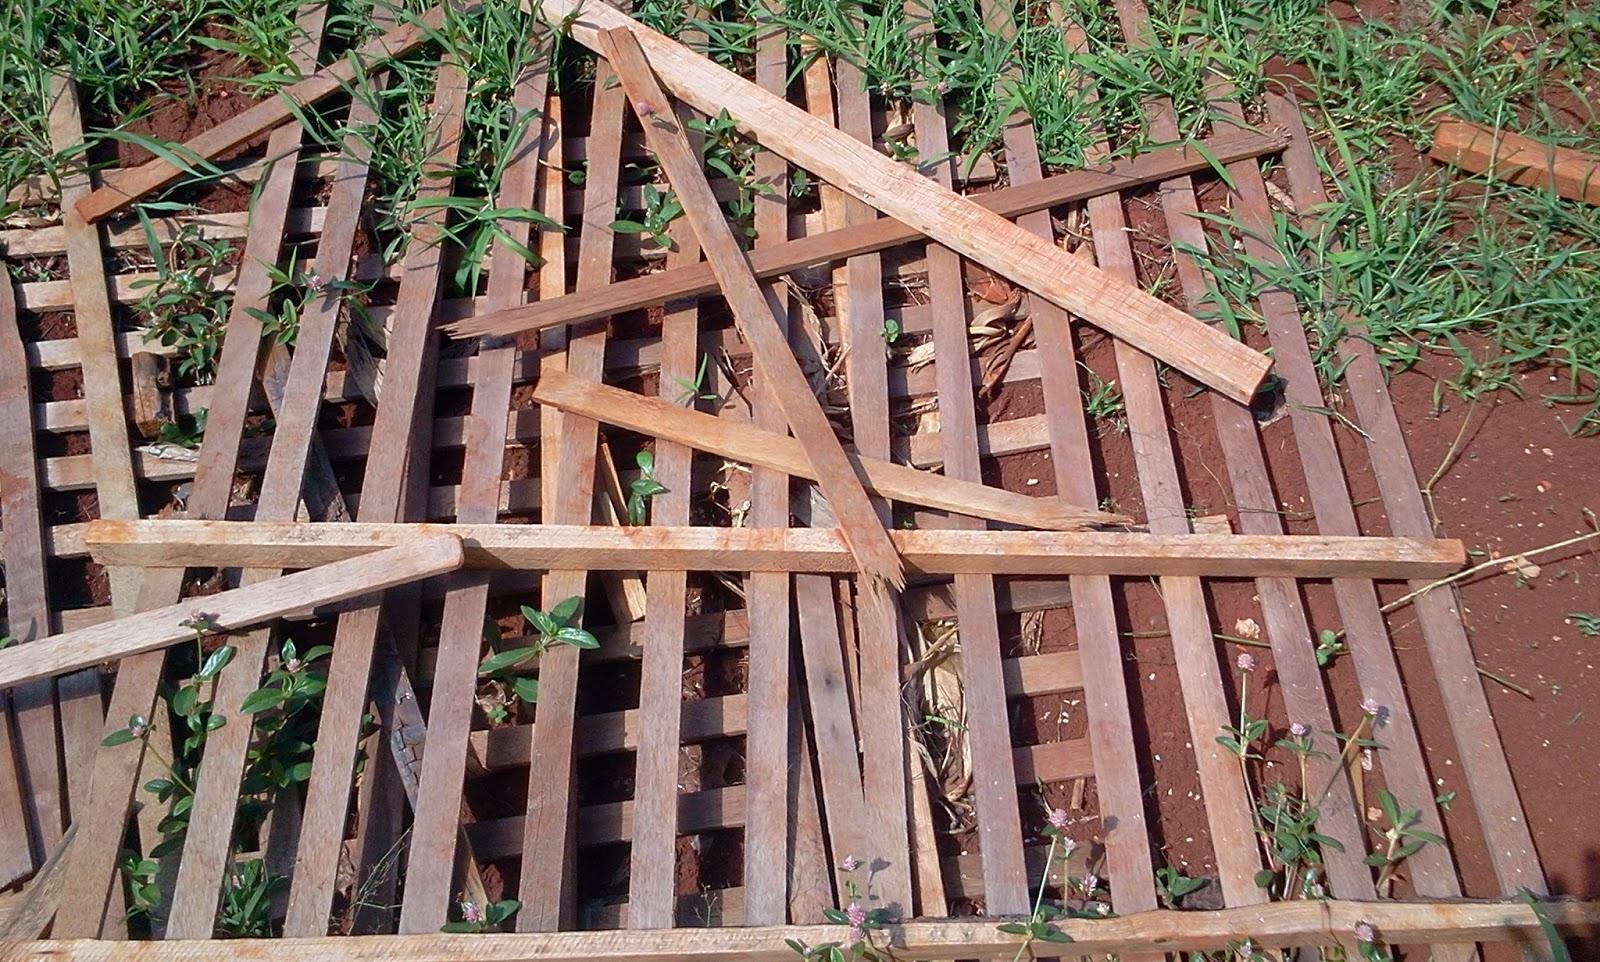 trelica de madeira jardim vertical:de orquídeas por isso parecem  #8F5A3C 1600x962